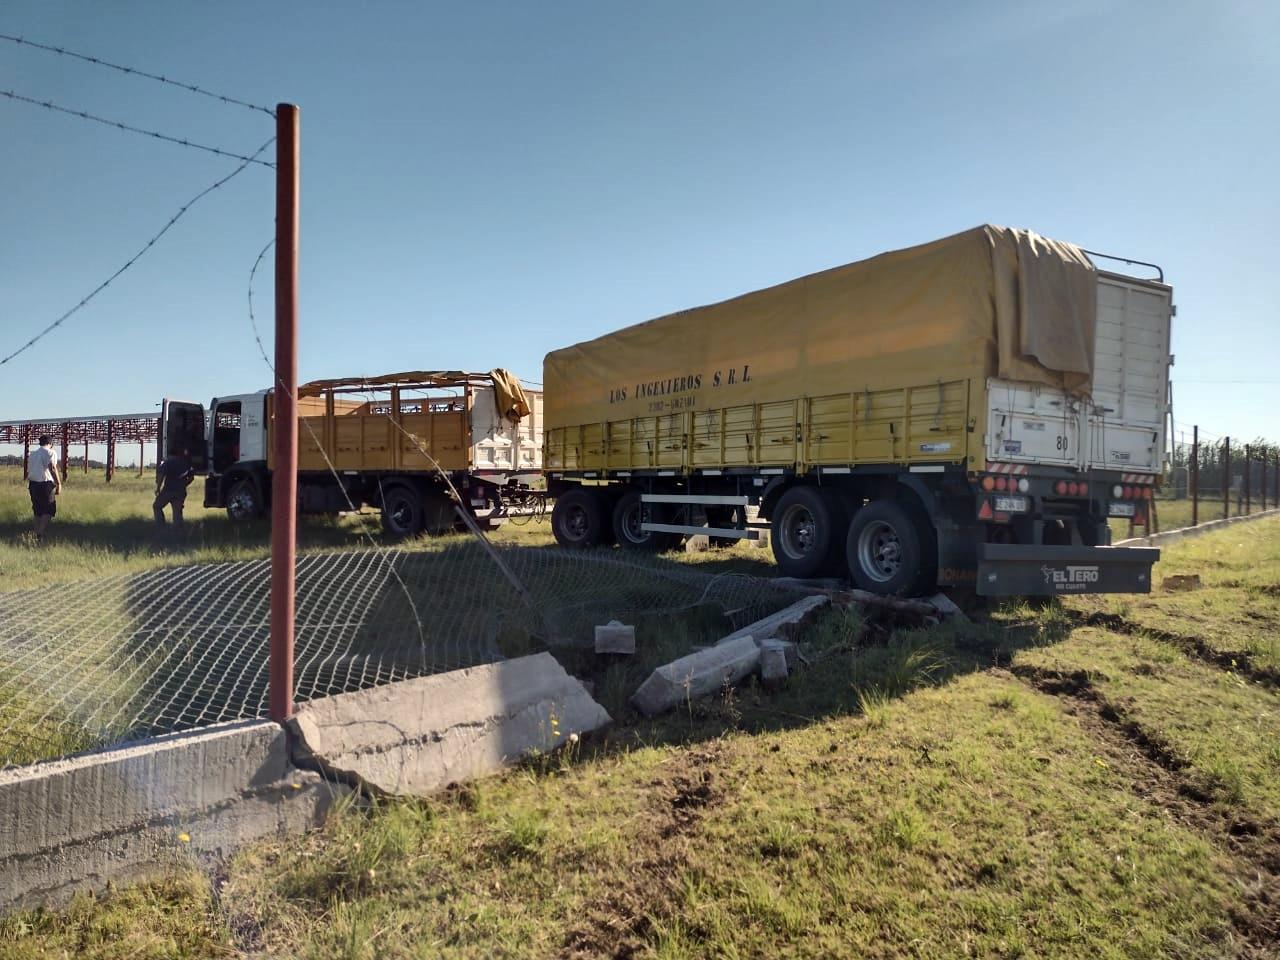 Un camión con acoplado tuvo un desperfecto en la dirección hidráulica y terminó dentro de un predio camino a la laguna